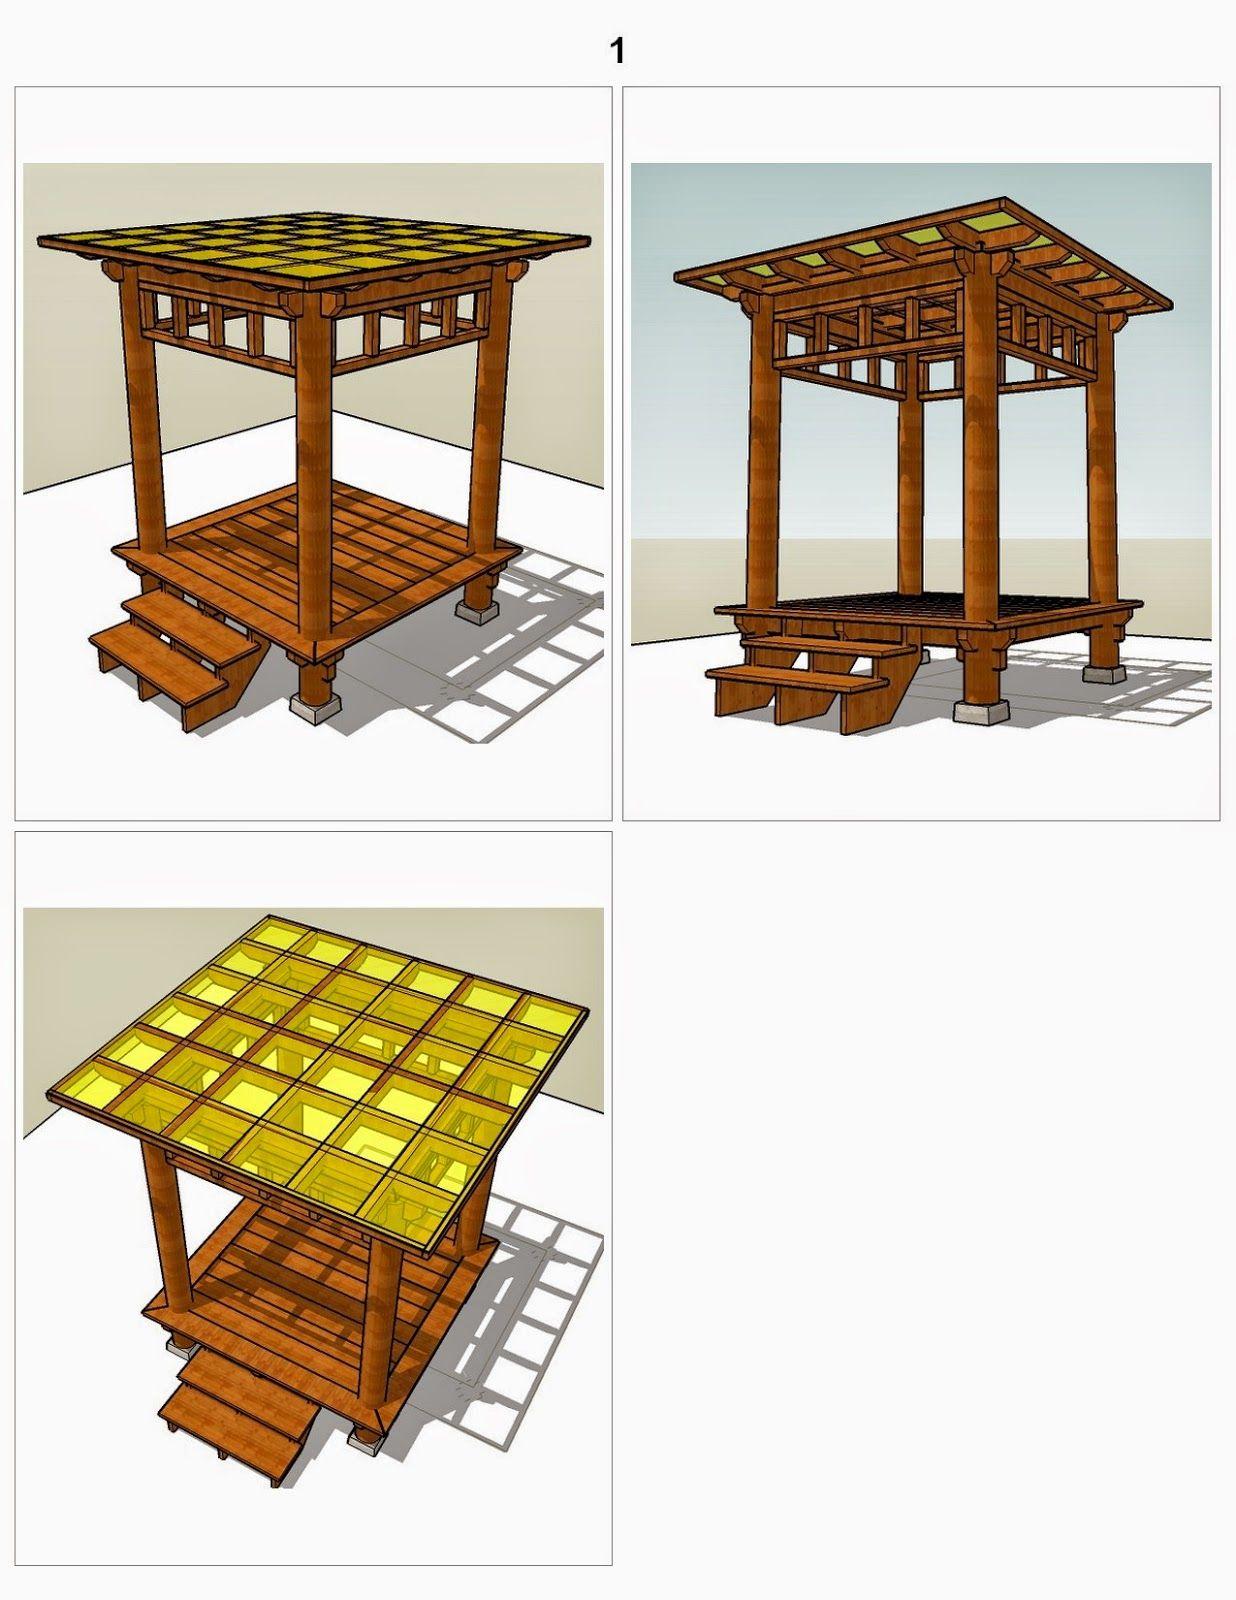 Konsultasi Gazebo Pergola Atap Datar 2x2 M2 Uk Lantai Gazebo